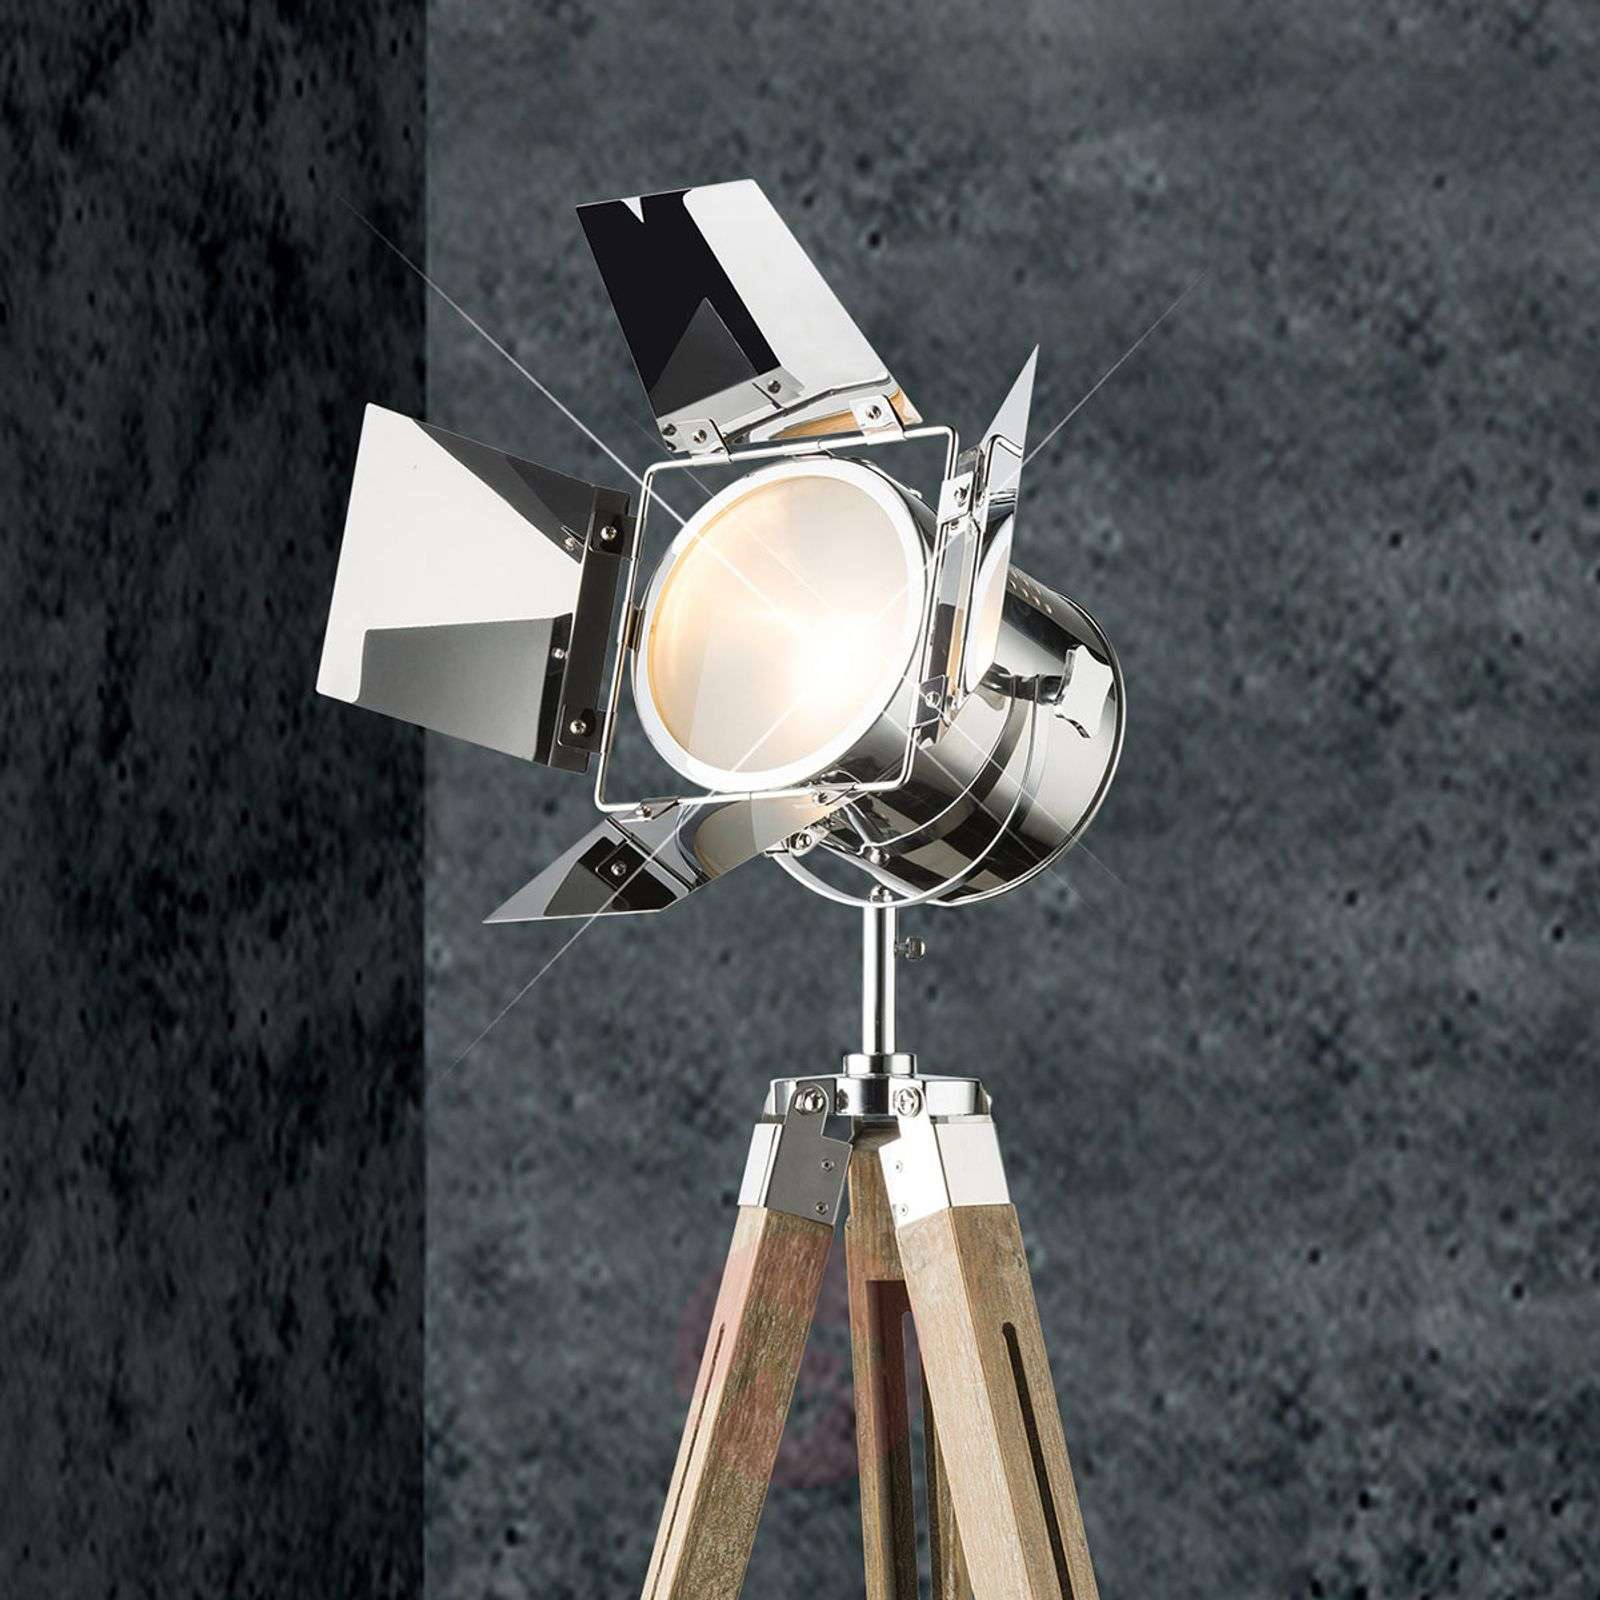 Puinen lattiavalaisin Evy, krominen valonheitin-4015060-01